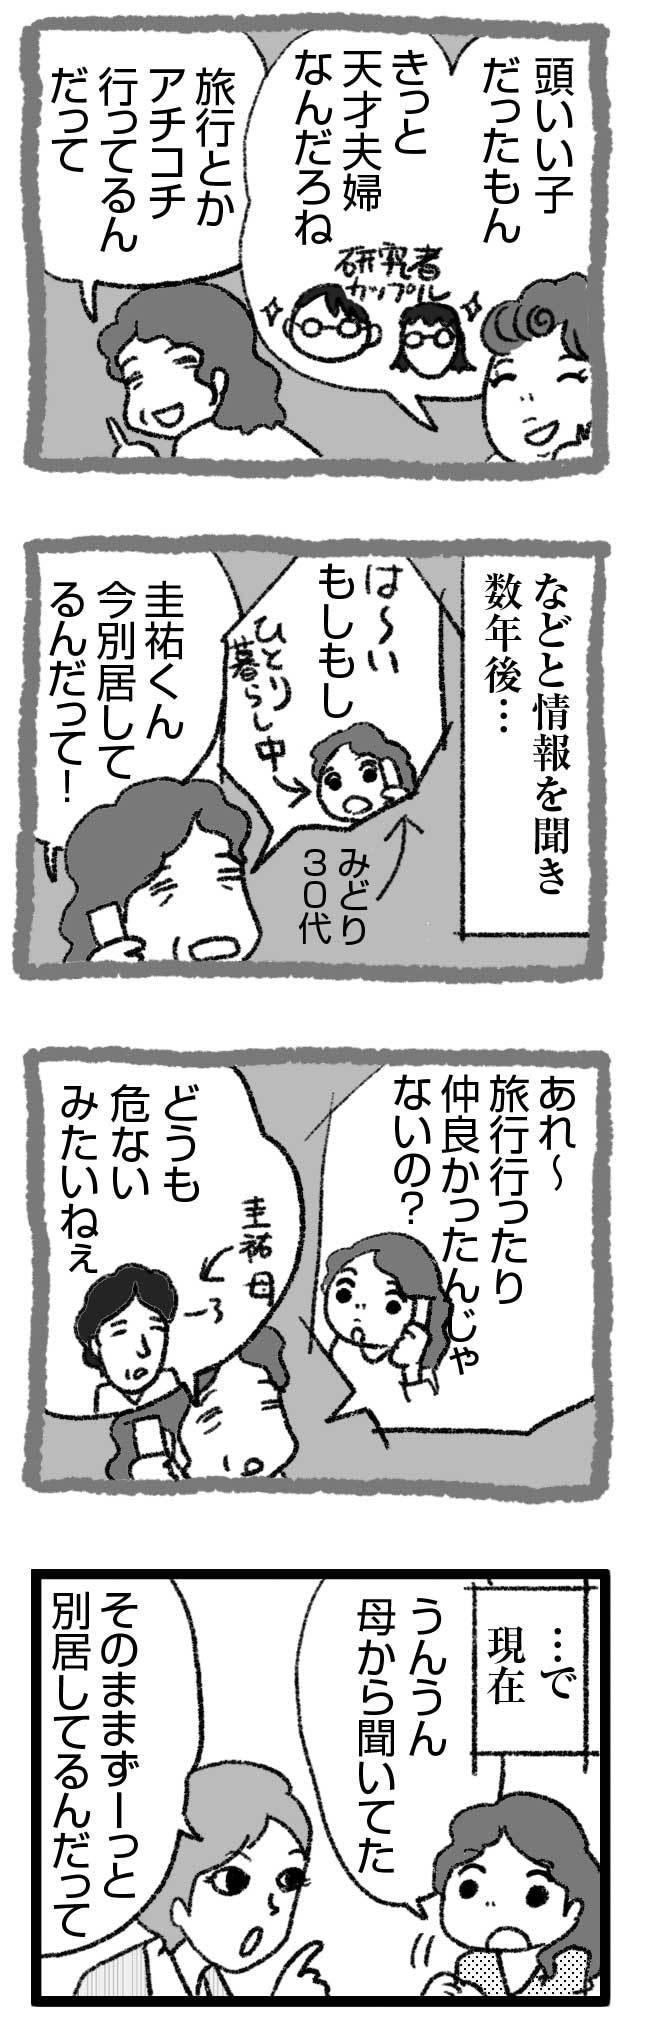 圭祐君のウワサ1_2 好きじゃない 結婚 謎 片思い 夫婦 ひみつ レス sex 漫画 マンガ まんが レス セックスレス スキンシップ